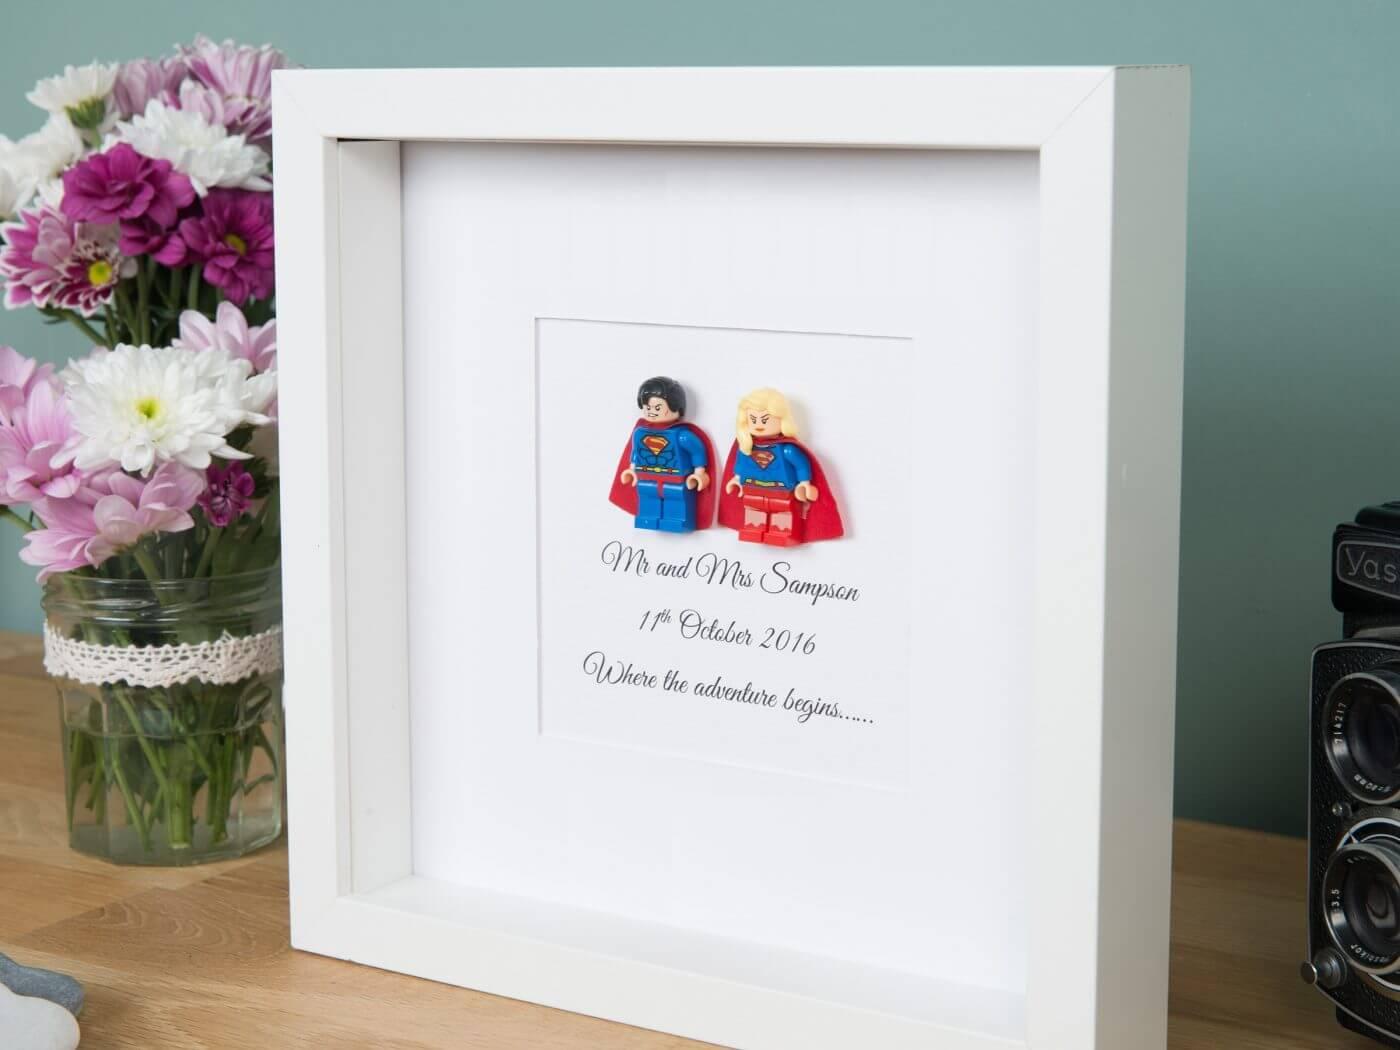 Lego Superhero wedding frame | Personalised gifts | FREE UK delivery